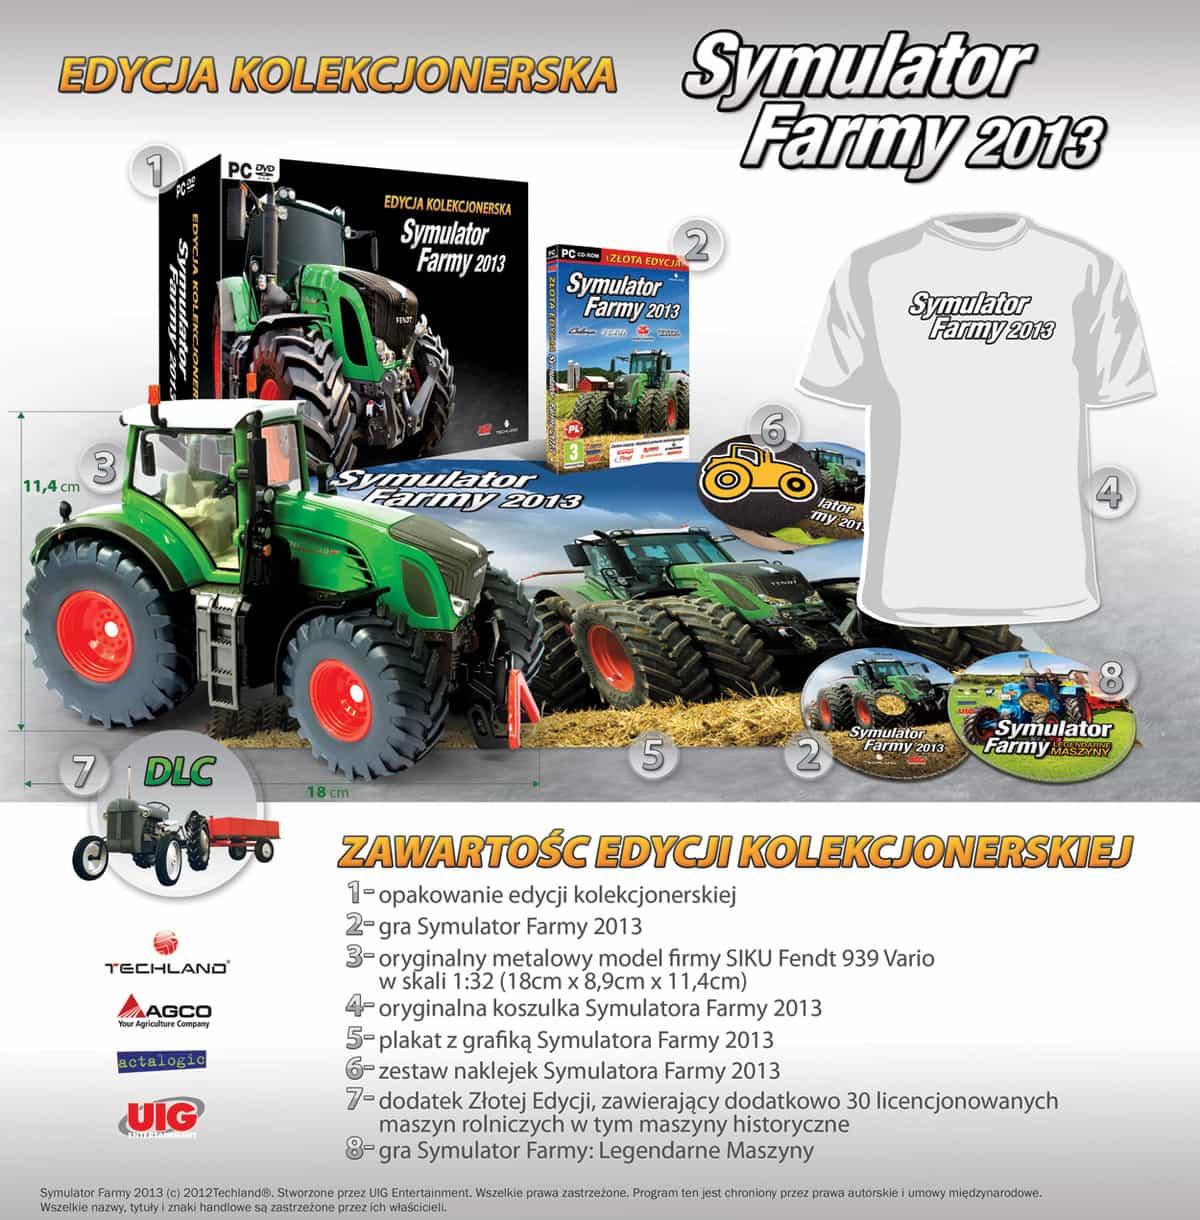 Symulator Farmy 2013 Skład Edycji Kolekcjonerskiej